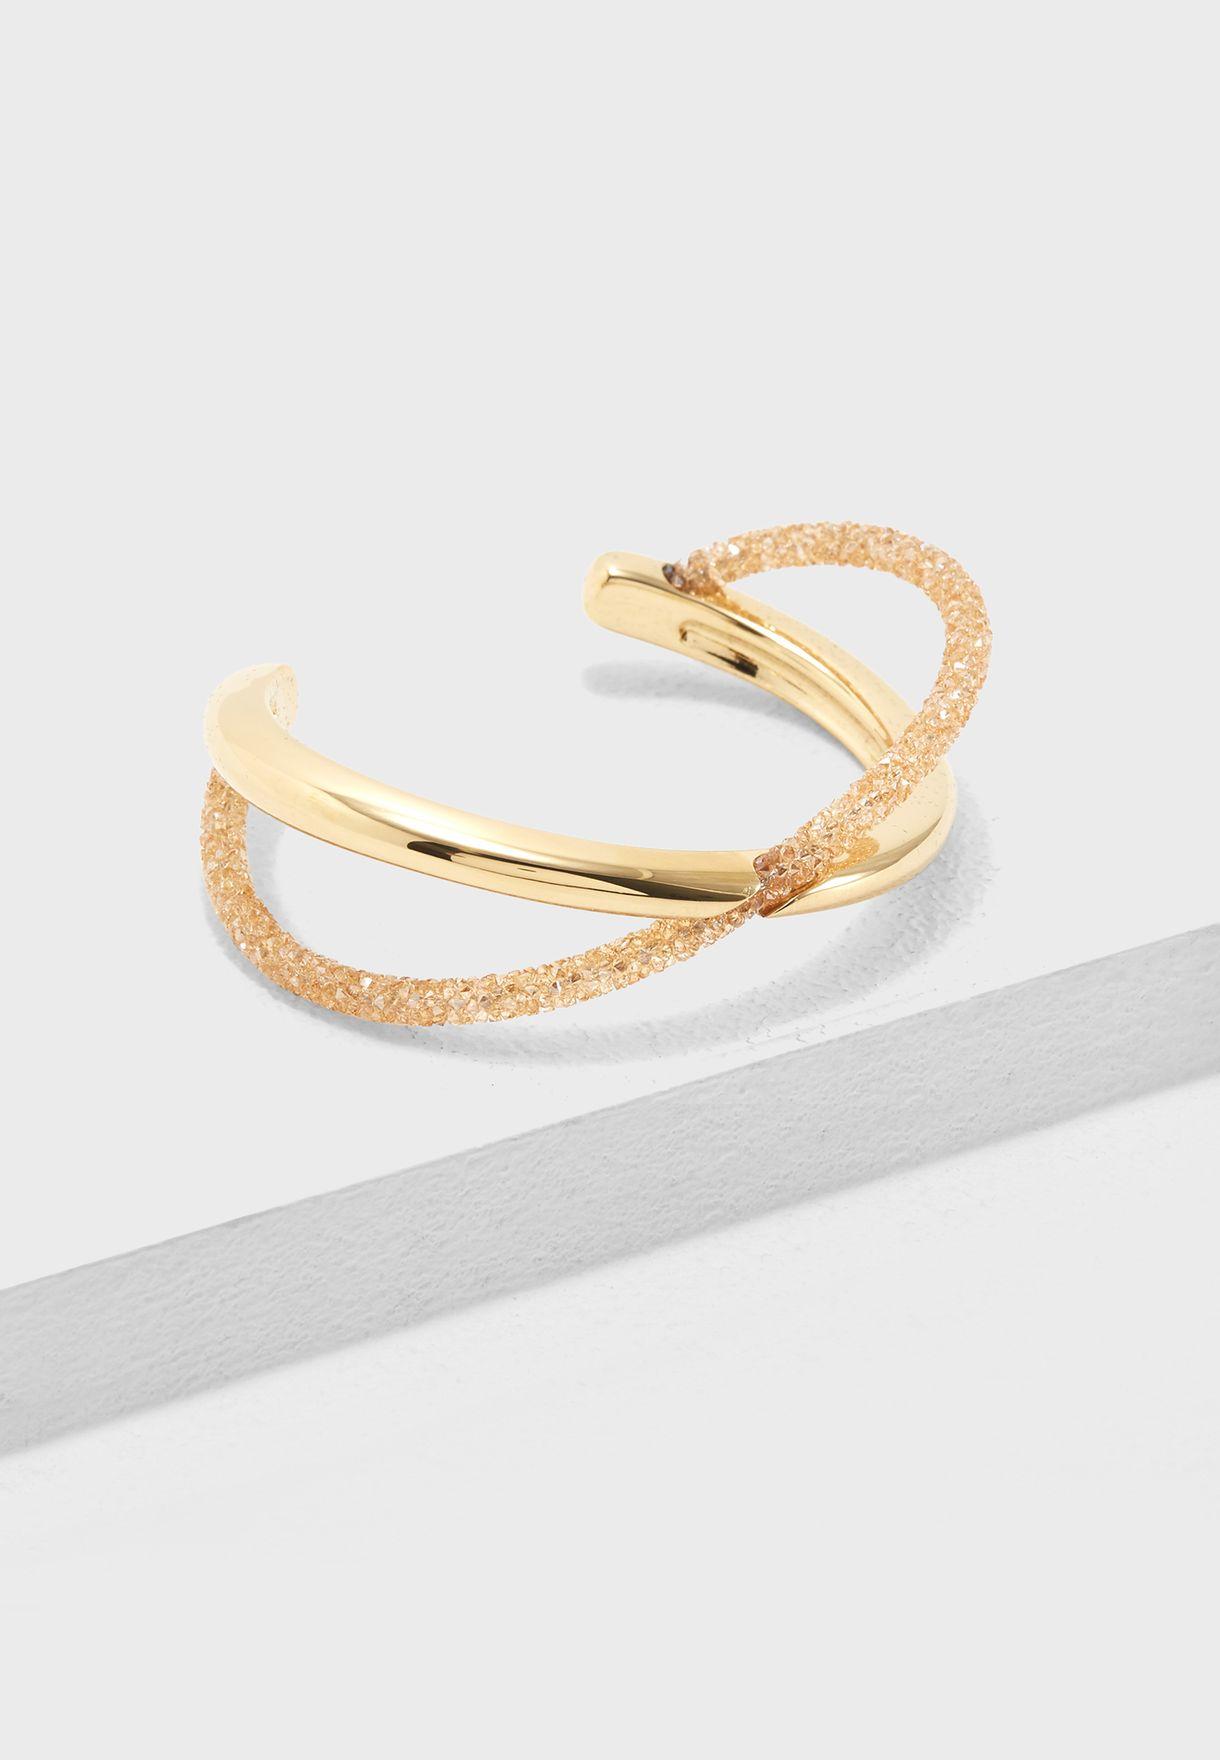 6a7f07194b5 Shop Swarovski gold Crystaldust Cross Cuff Bracelet 5368494 for ...